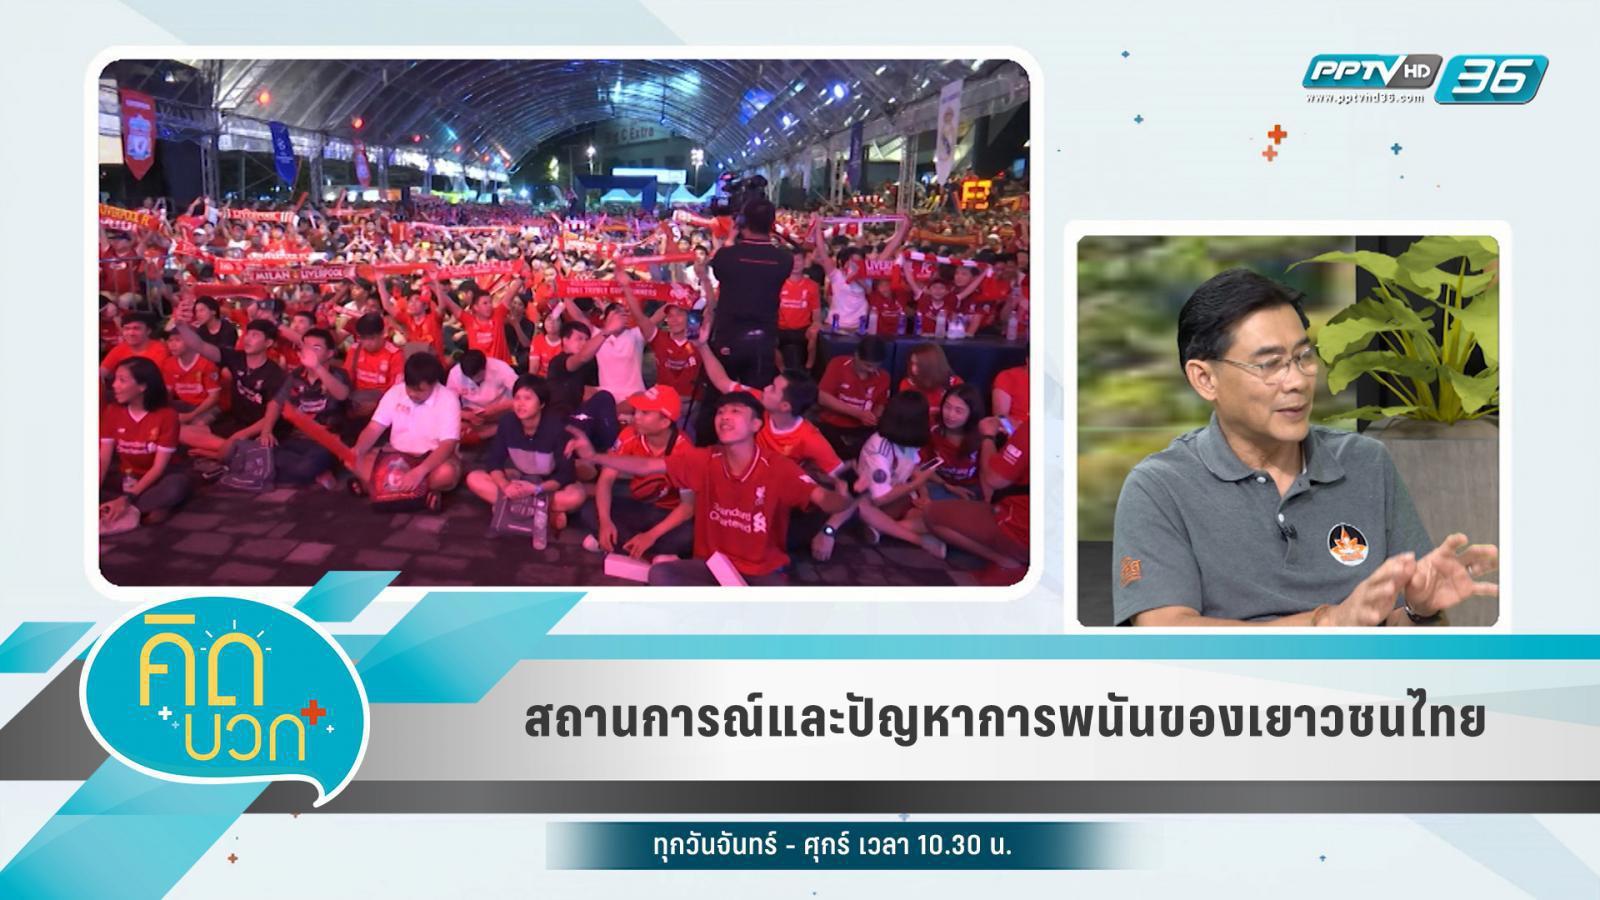 สถานการณ์และปัญหาการพนันของเยาวชนไทย